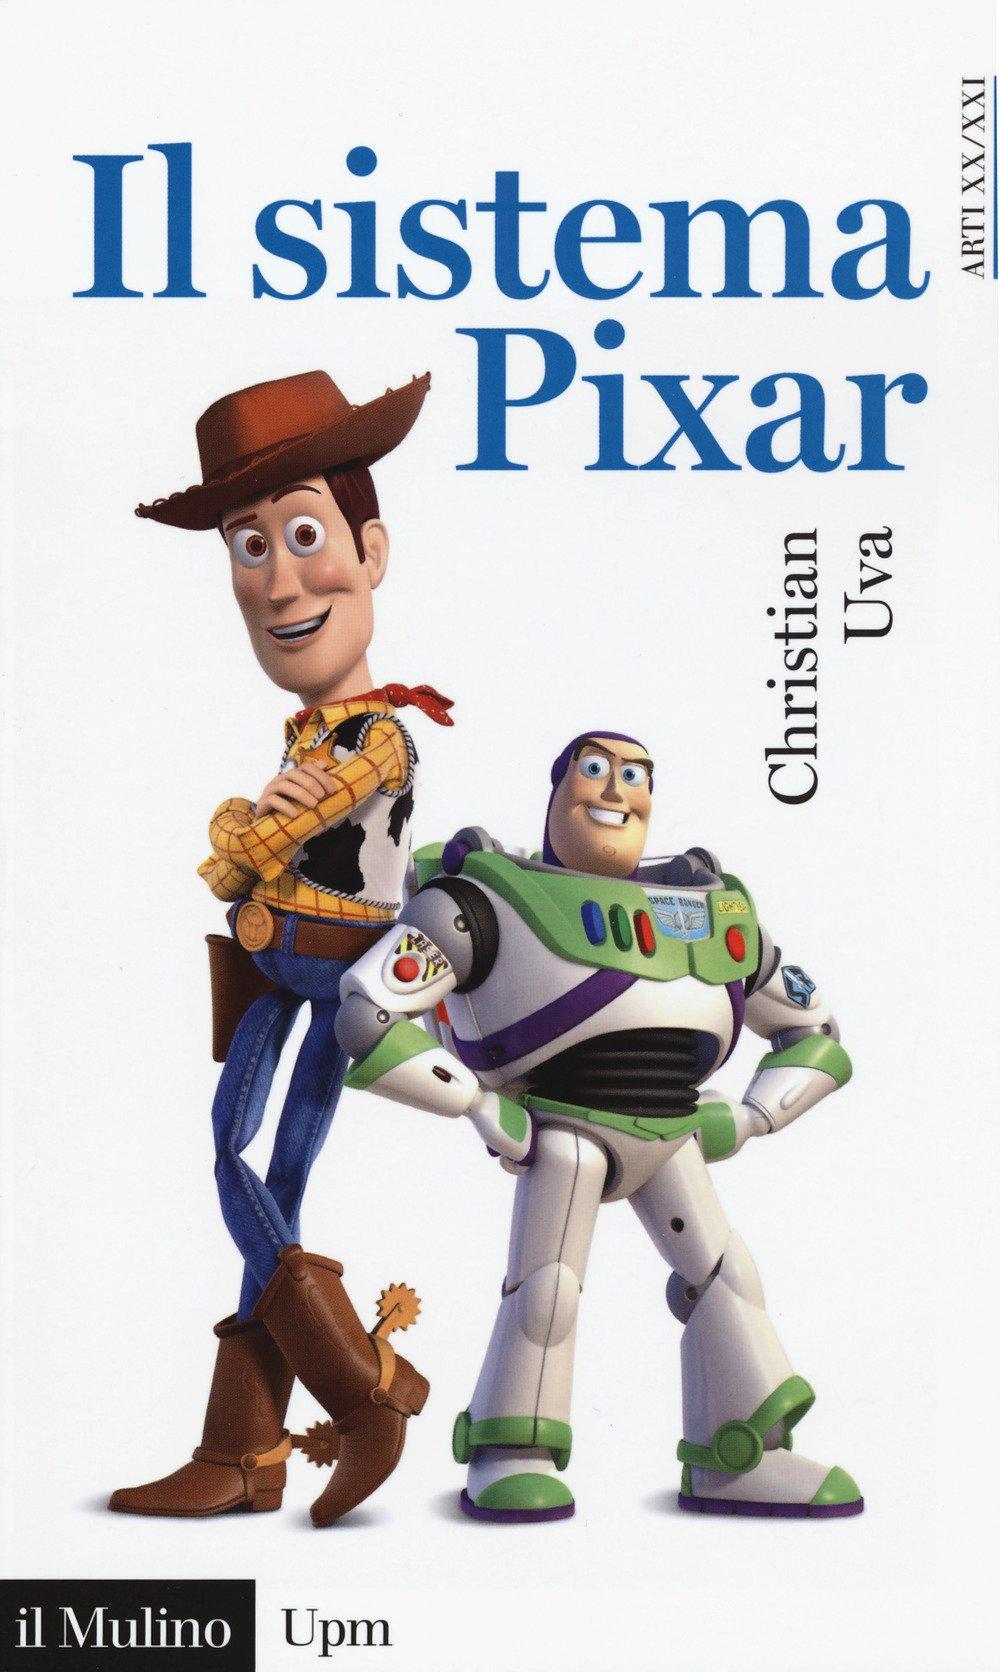 La copertina del libro di Christian Uva